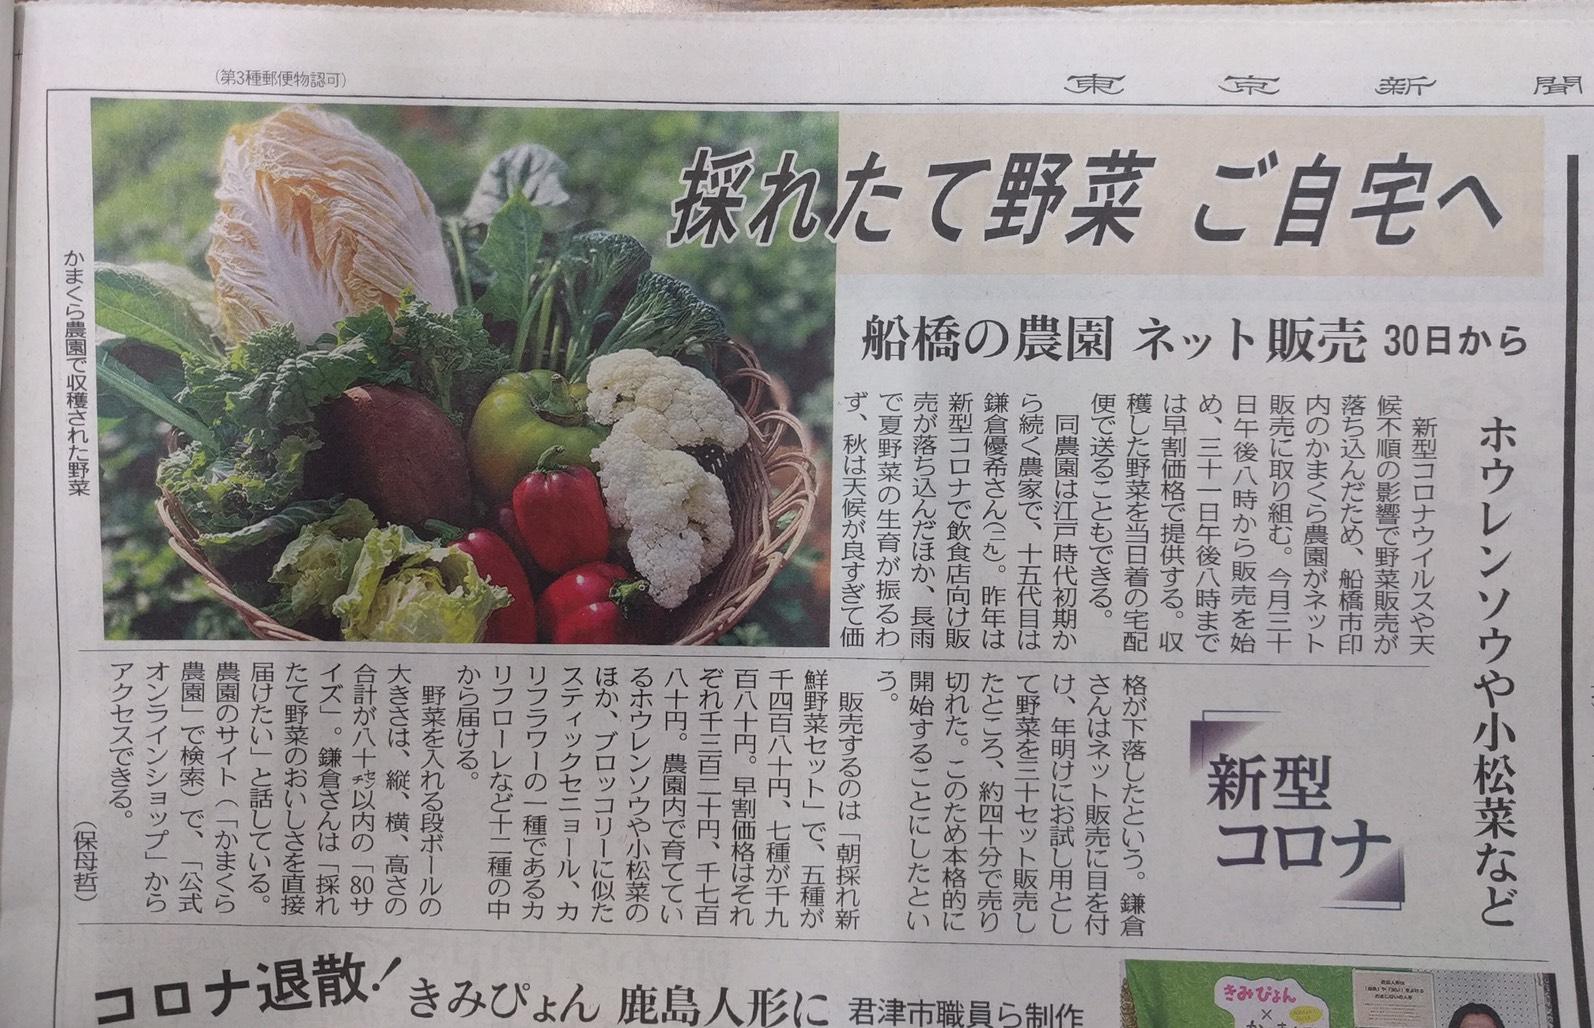 東京新聞さま